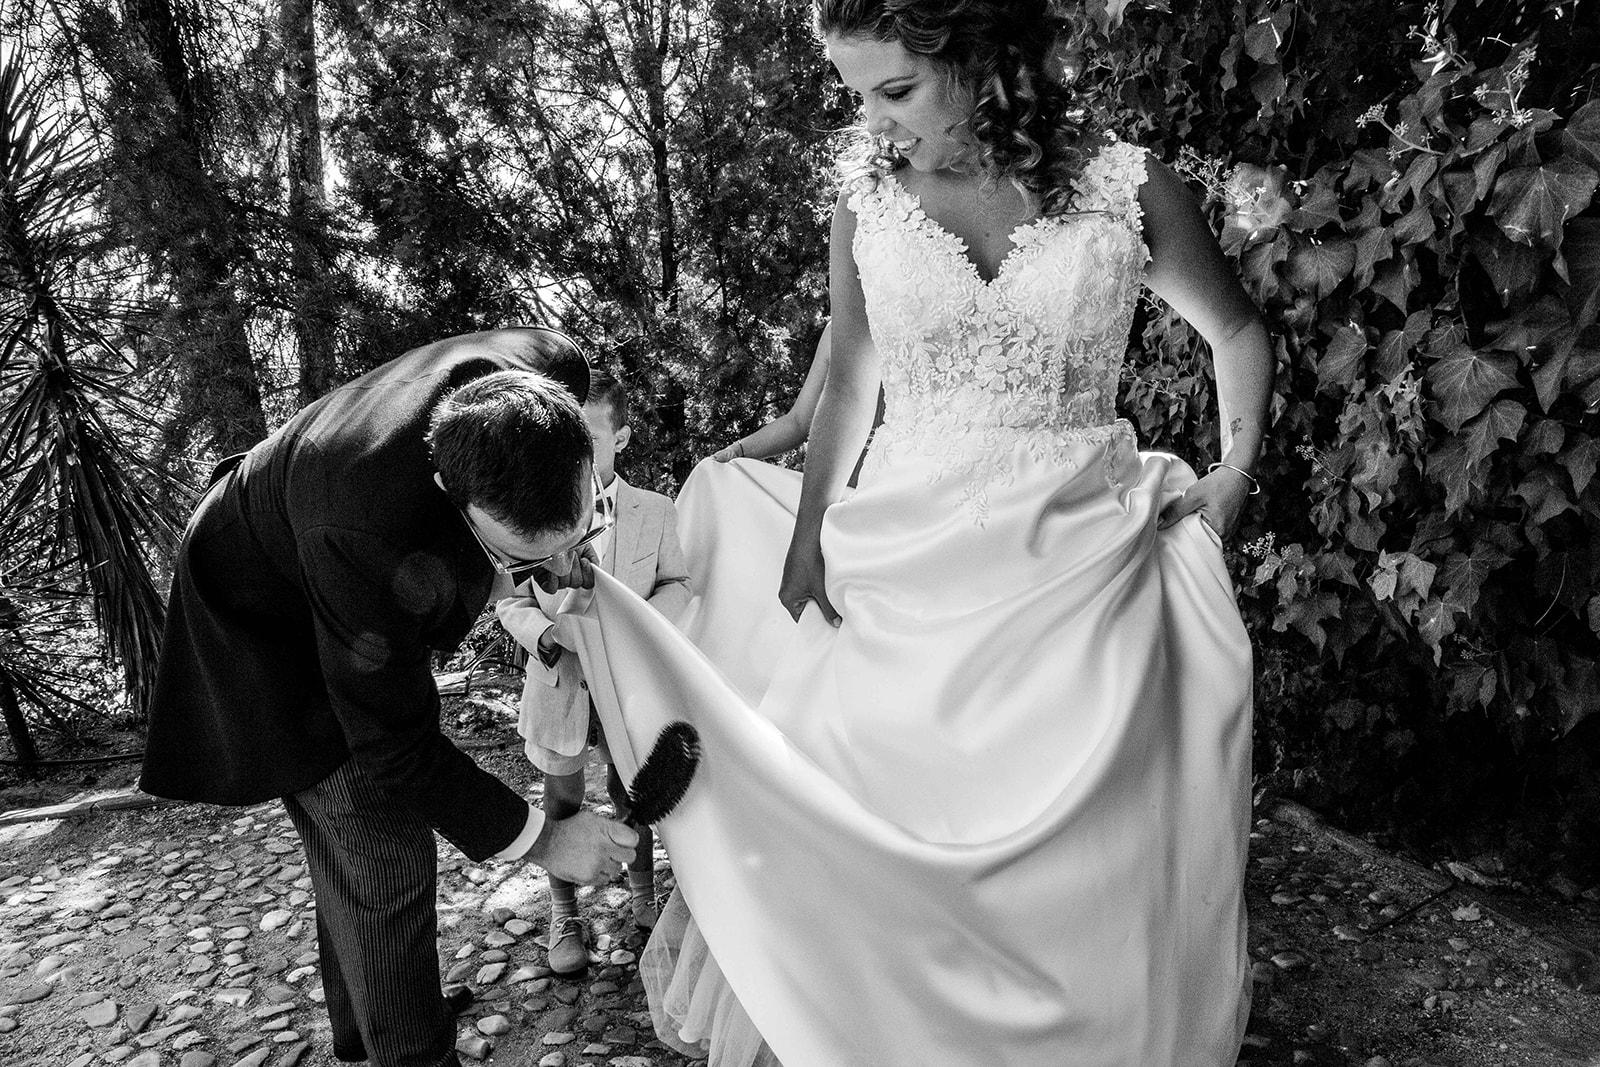 hermano ayudando a su hermana antes de la boda